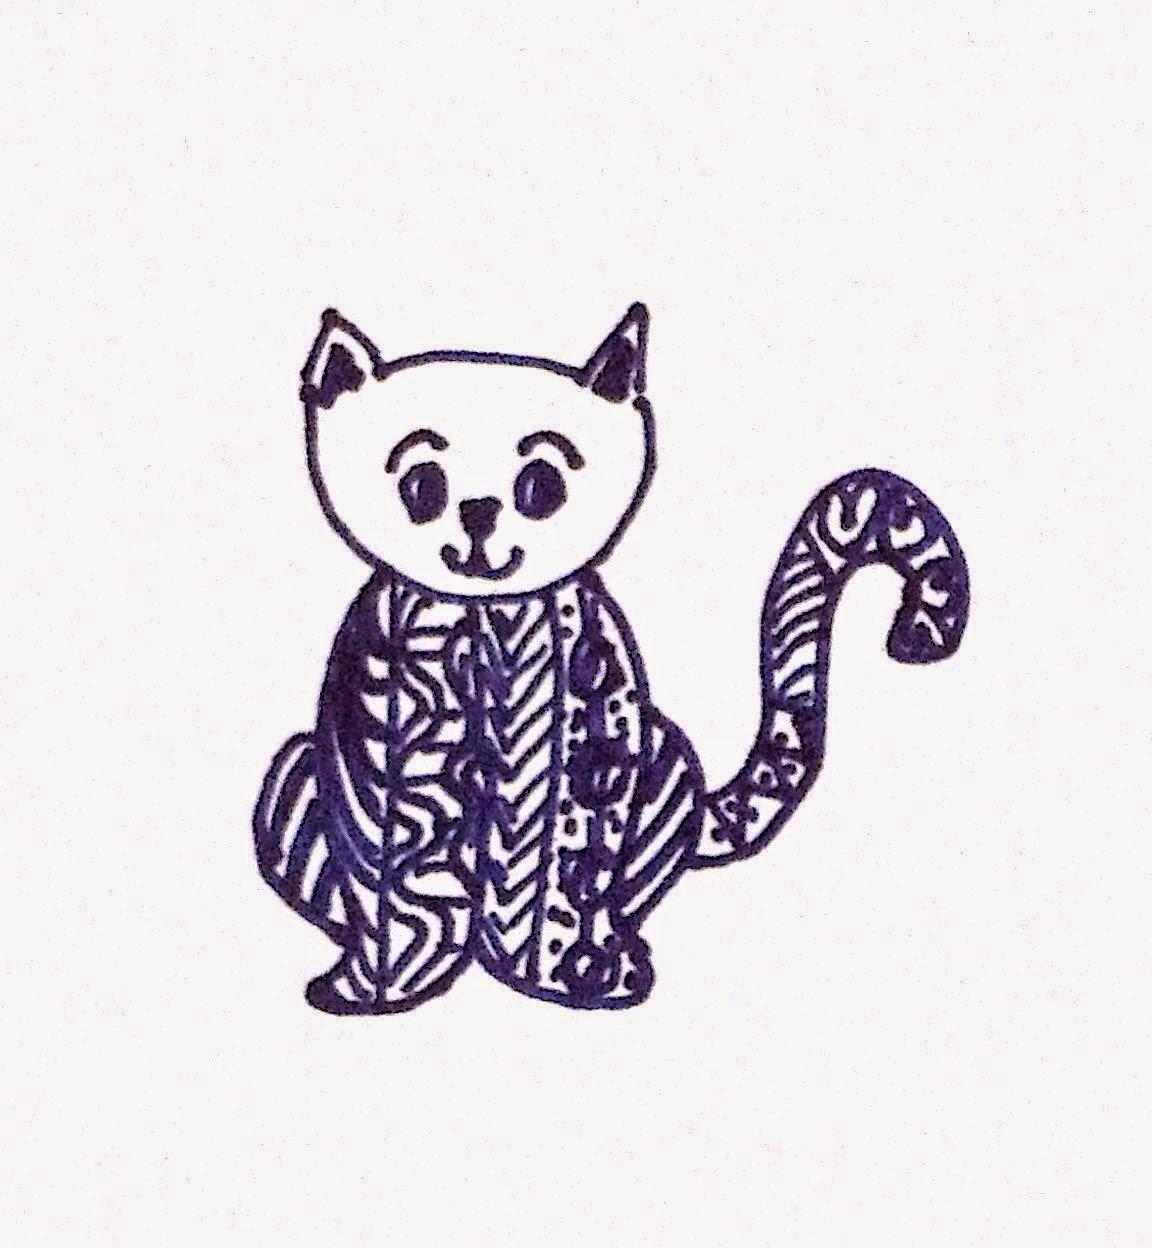 Zentangle Inspired Cat